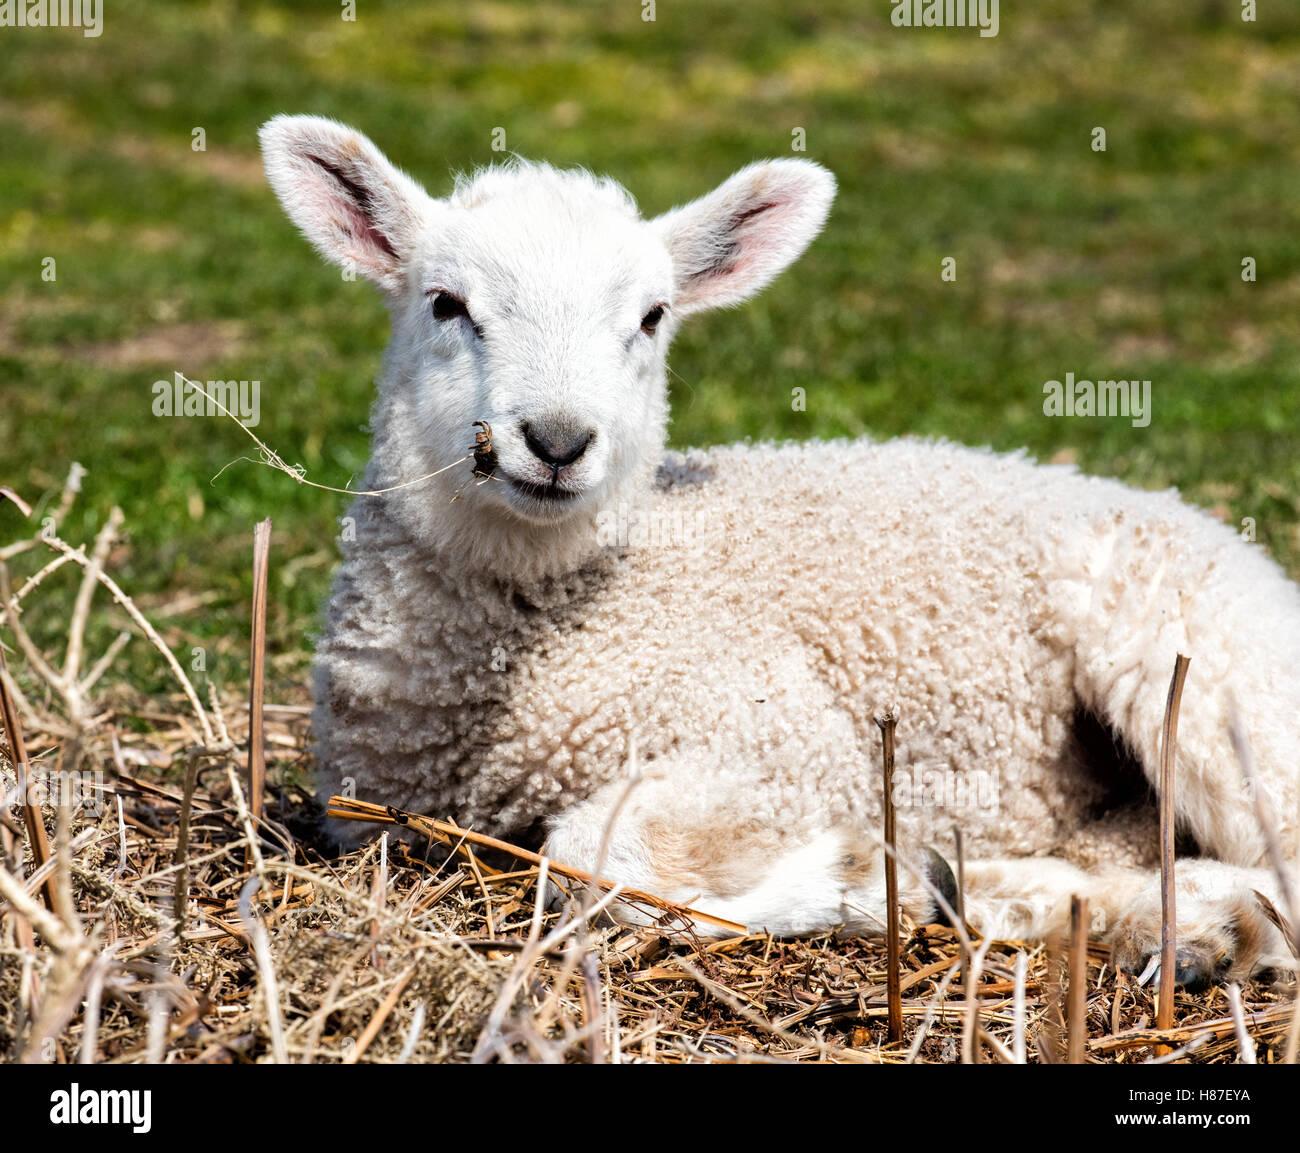 Entspannte Lamm In Der Sonne Liegen Und Das Getrocknete Gras Kauen